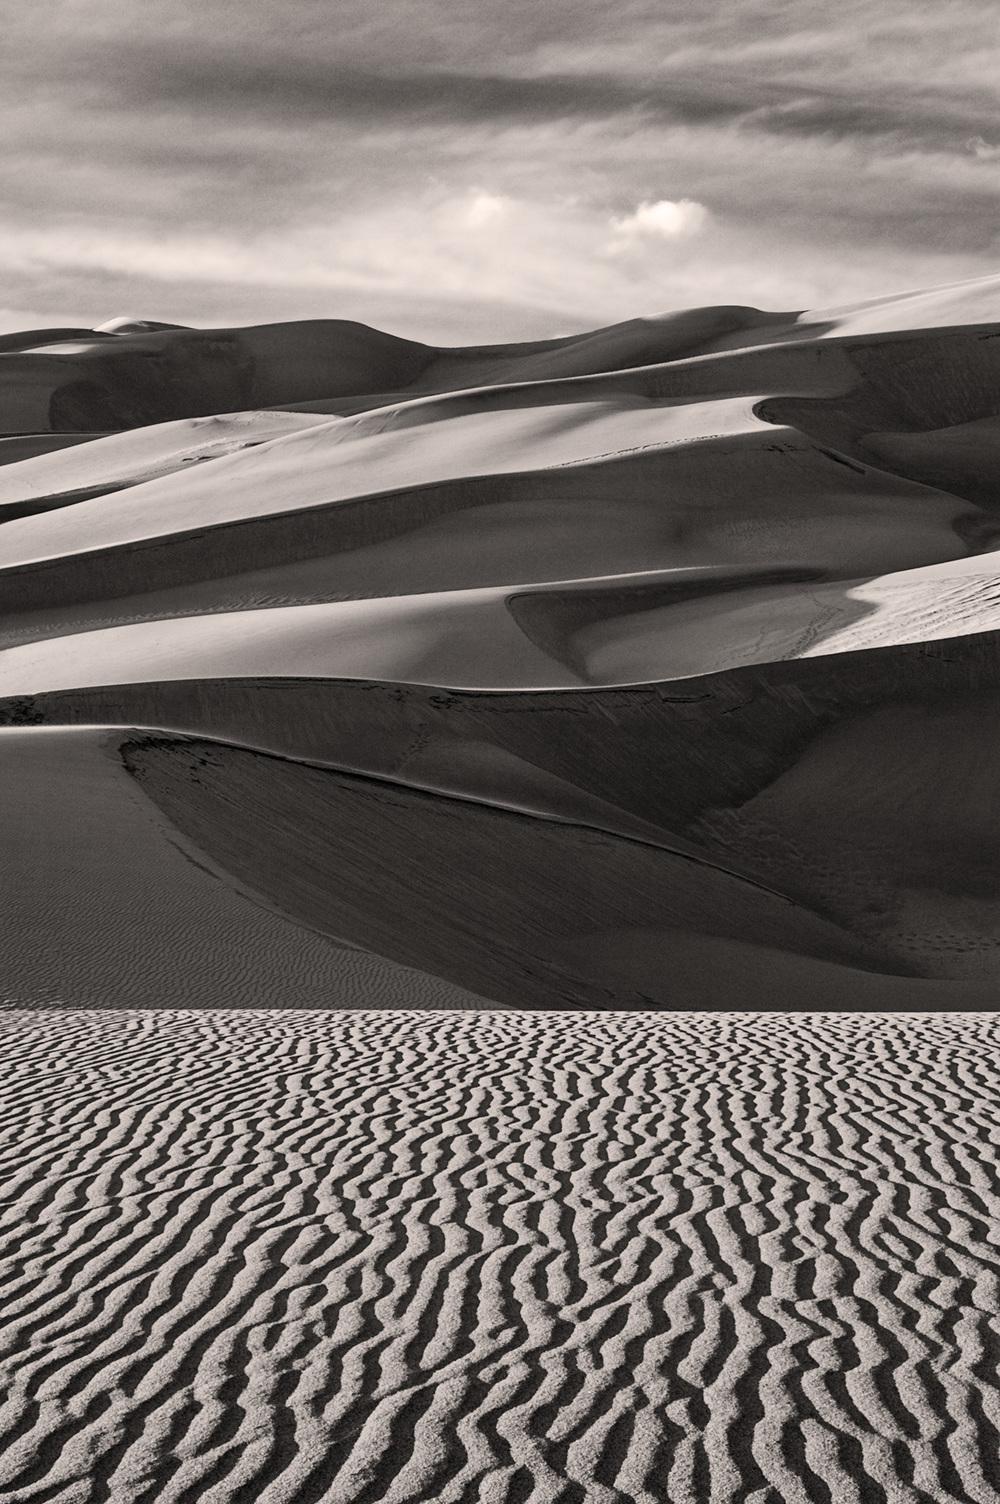 grerat sand dunes ws.jpg